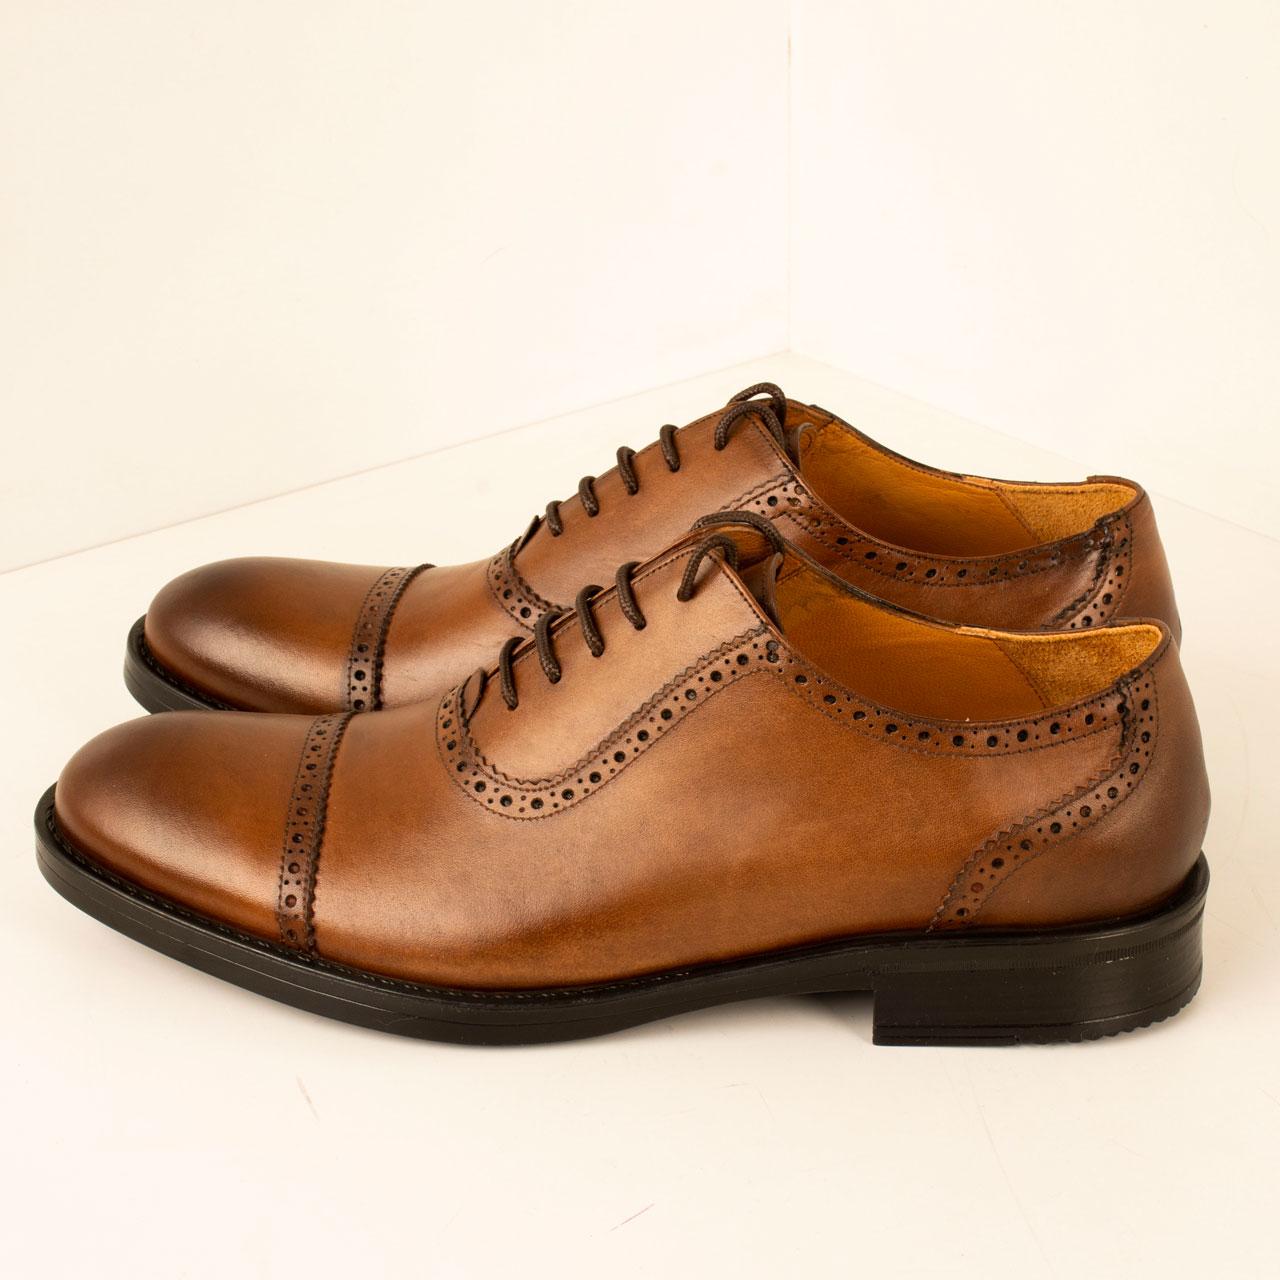 PARINECHARM men's leather shoes , Model SHO182-1